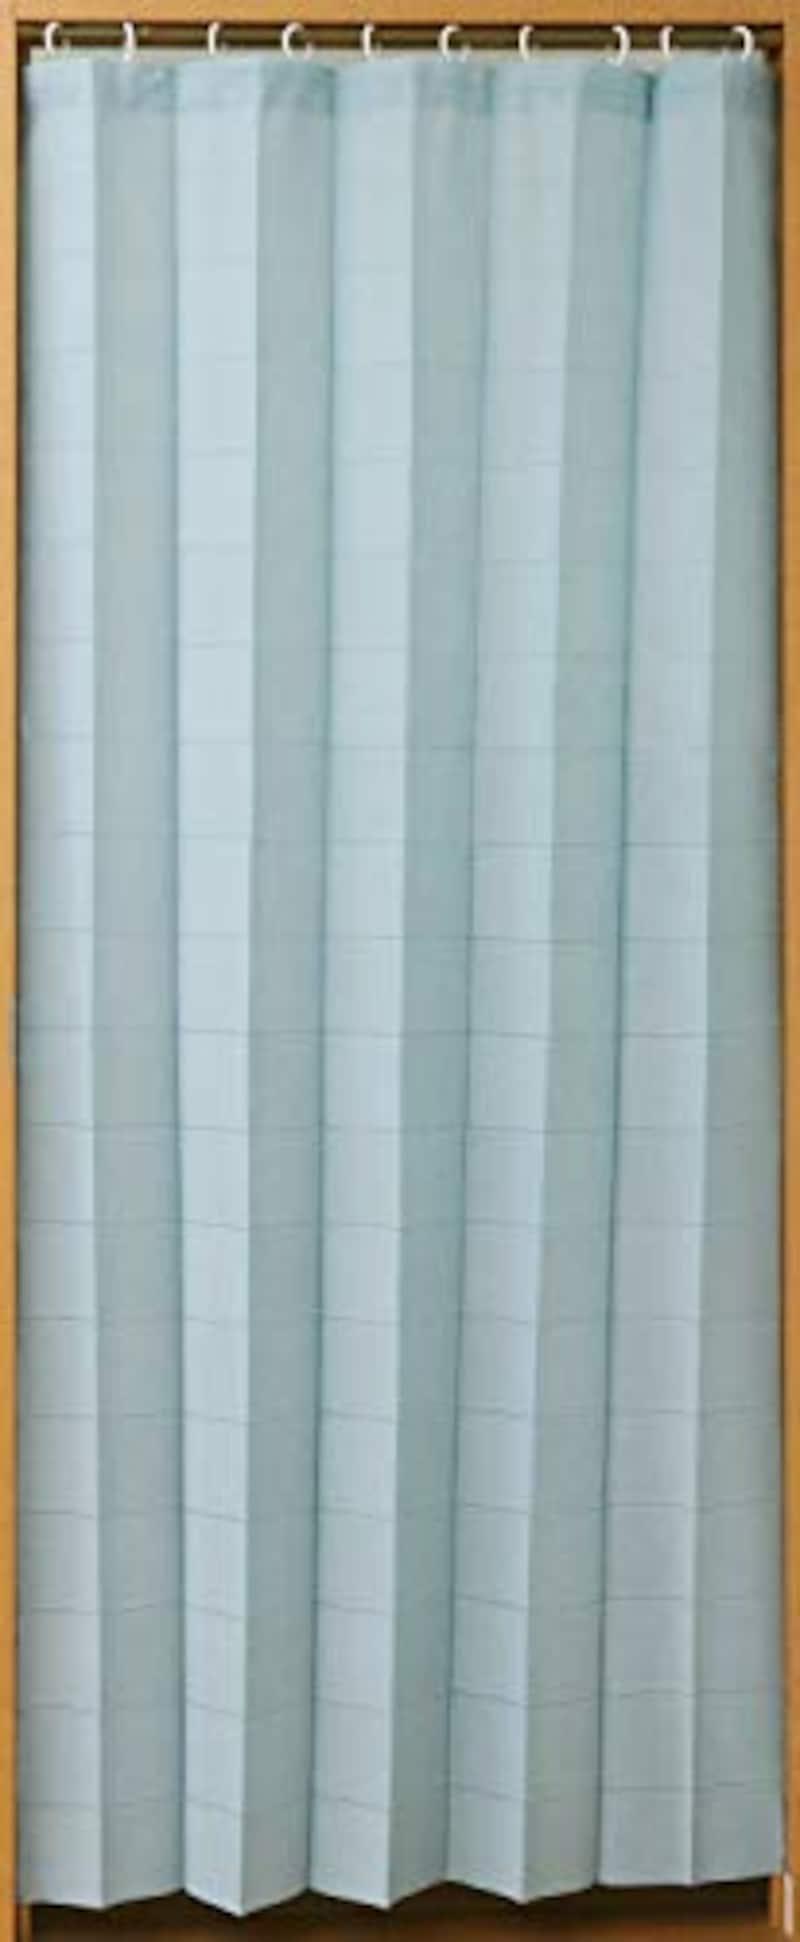 パタパタカーテン,マルチ3way アコーディオンカーテン,kp2202-04